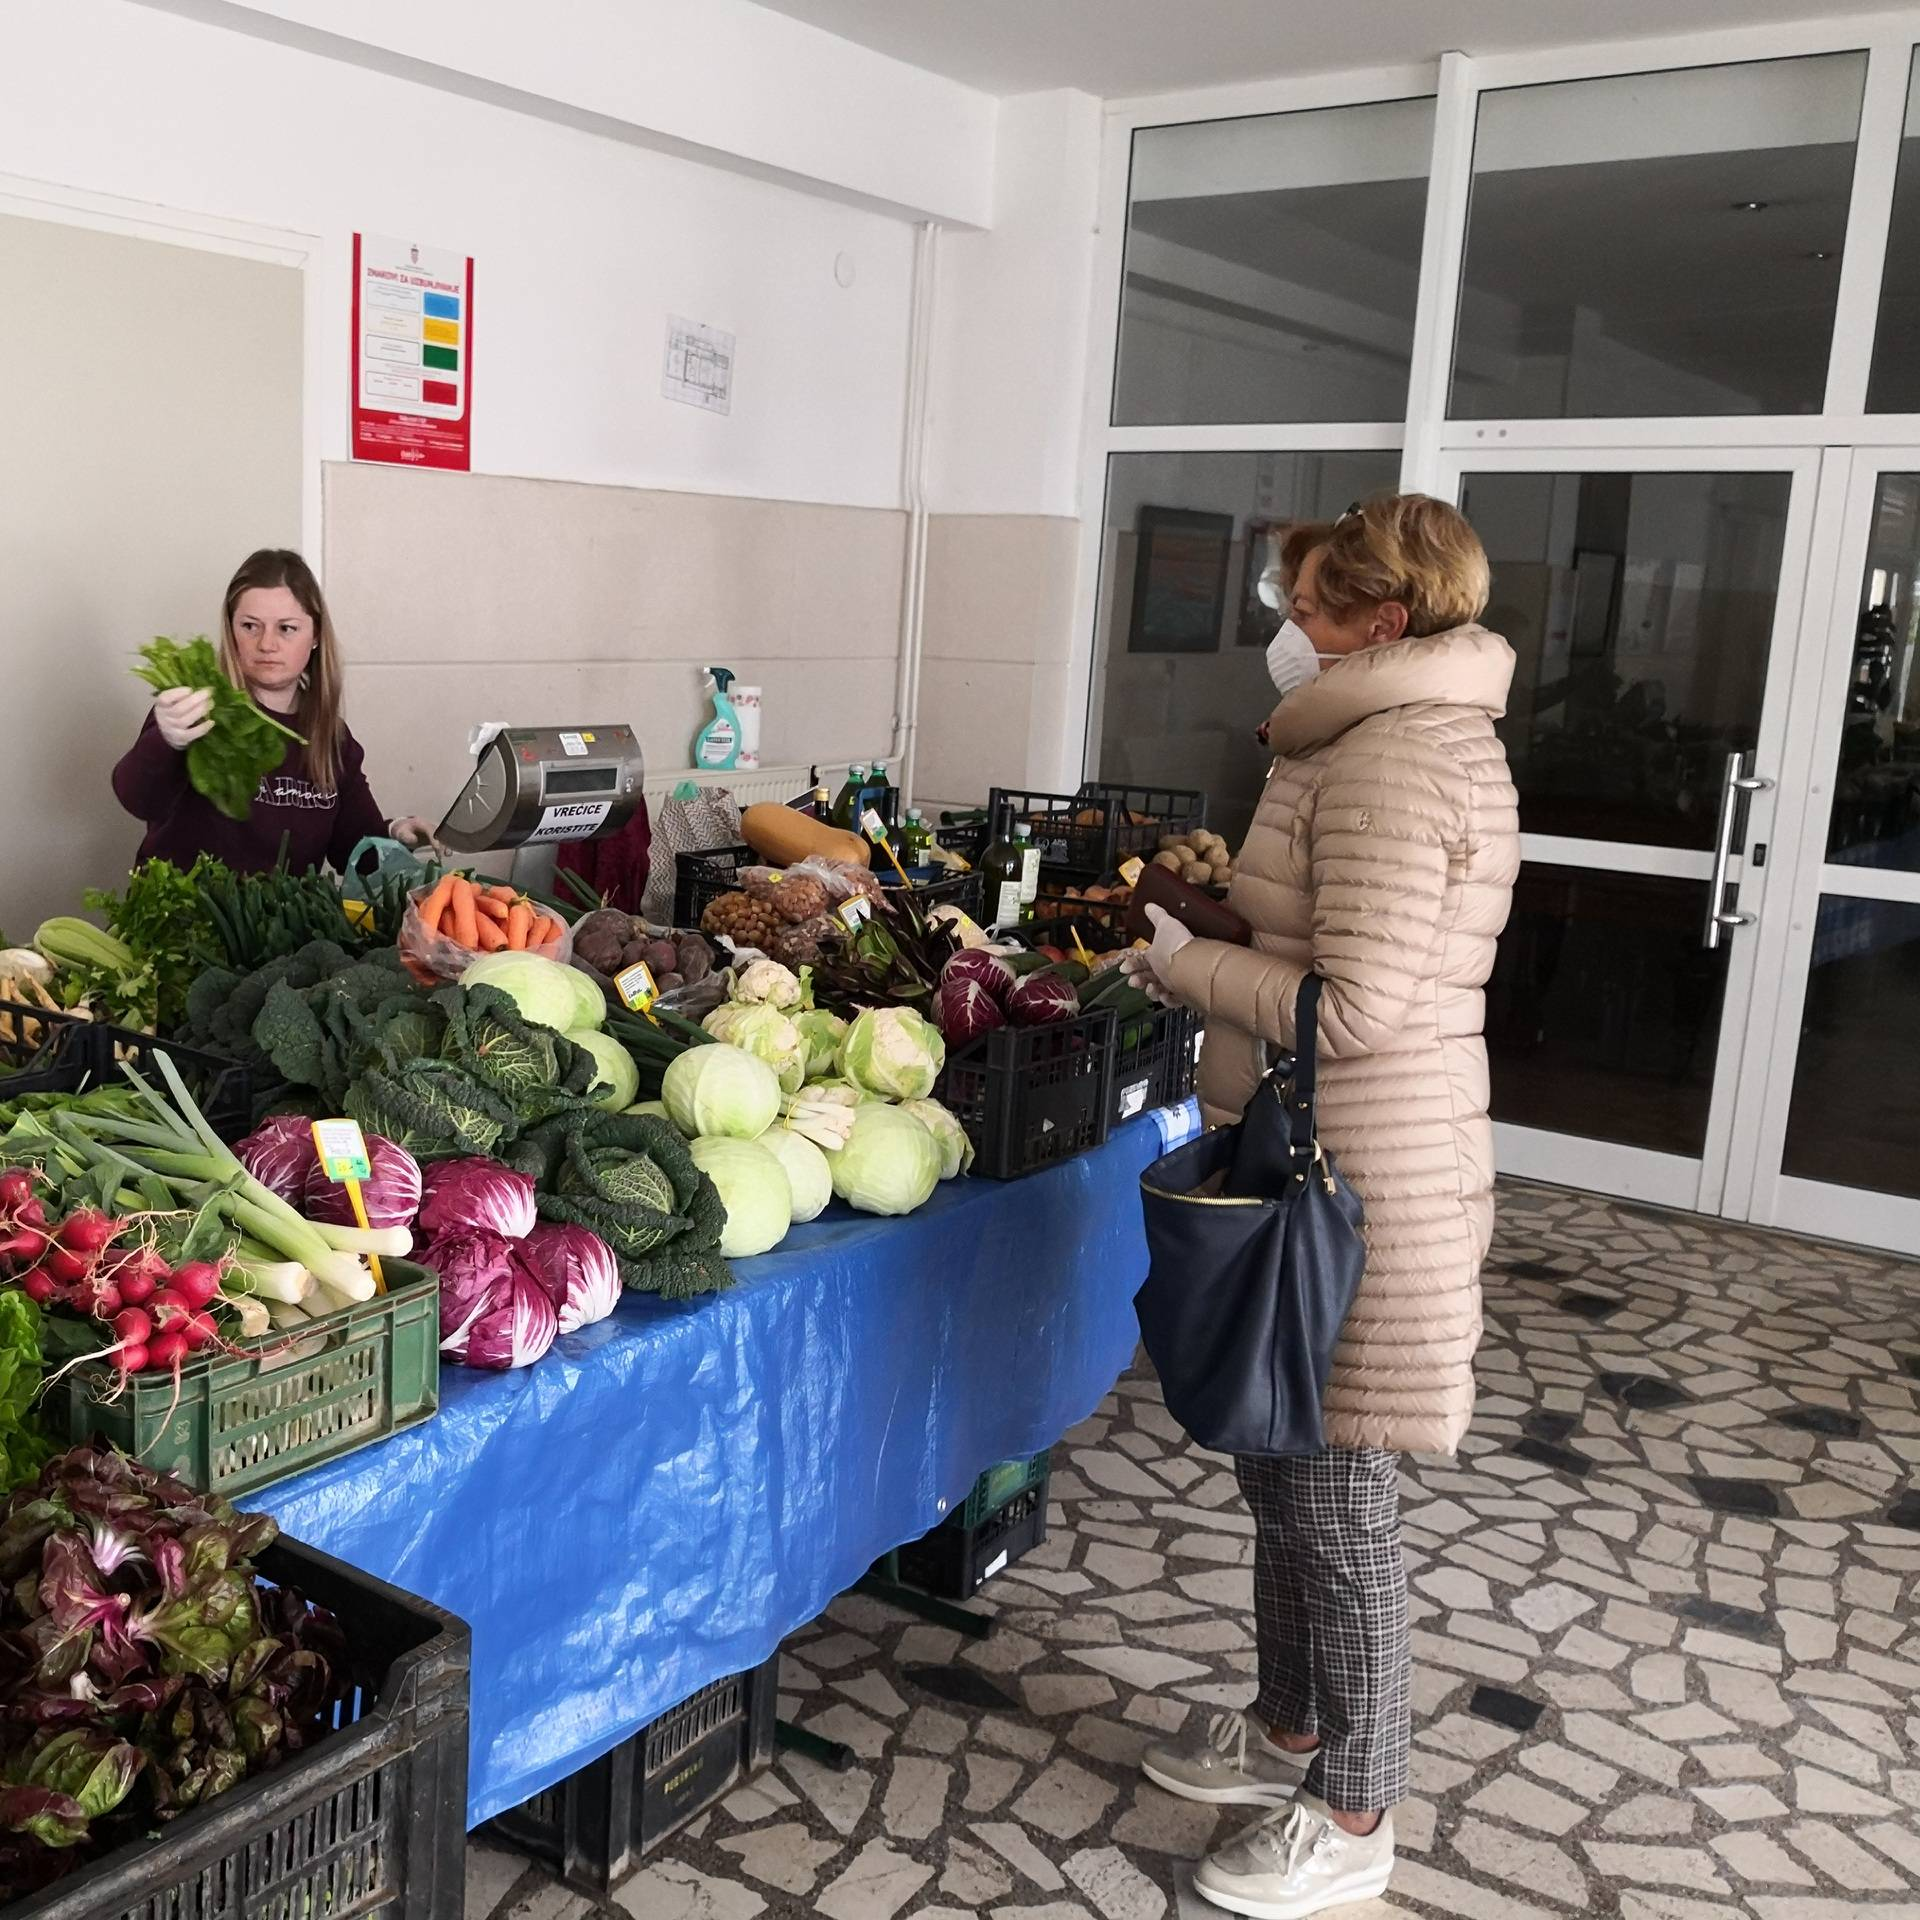 Pronašli su rješenje: U Umagu voće i povrće prodaju u kinu